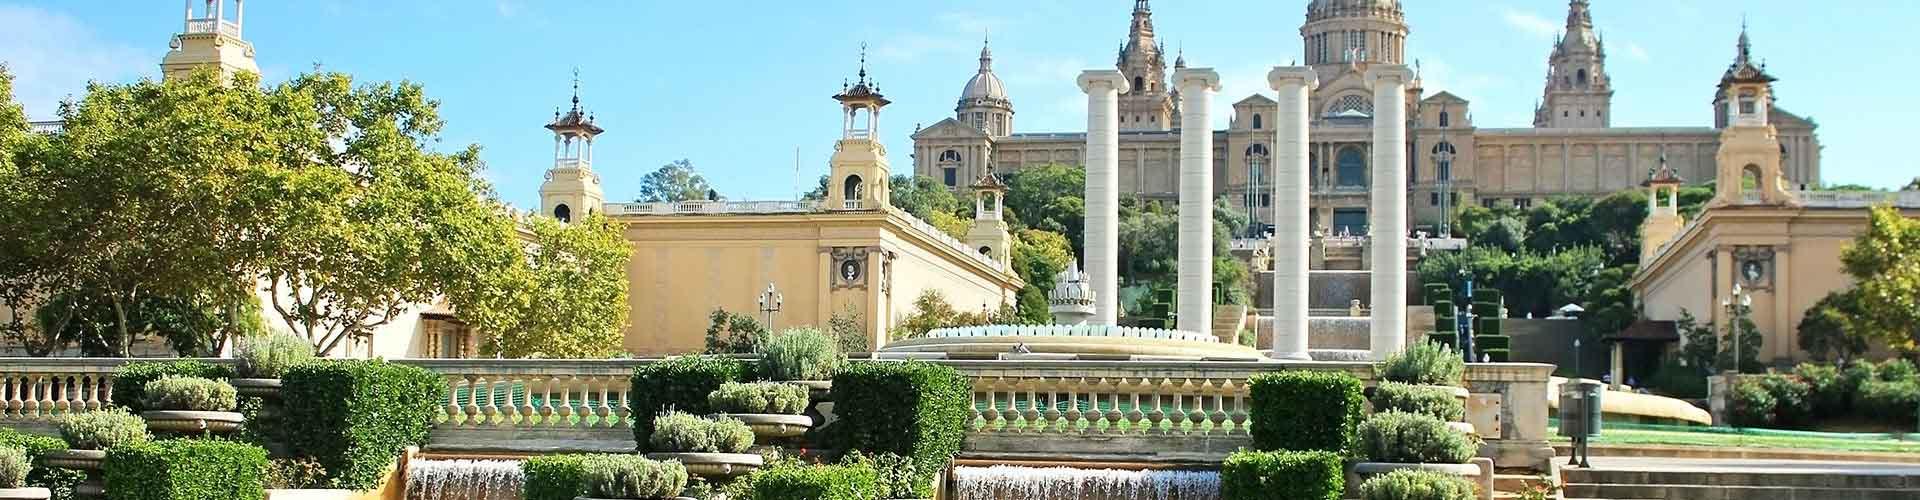 巴塞罗那 – 巴塞罗那 附近的青年旅舍。巴塞罗那地图,巴塞罗那 所有青年旅馆的照片和评分。